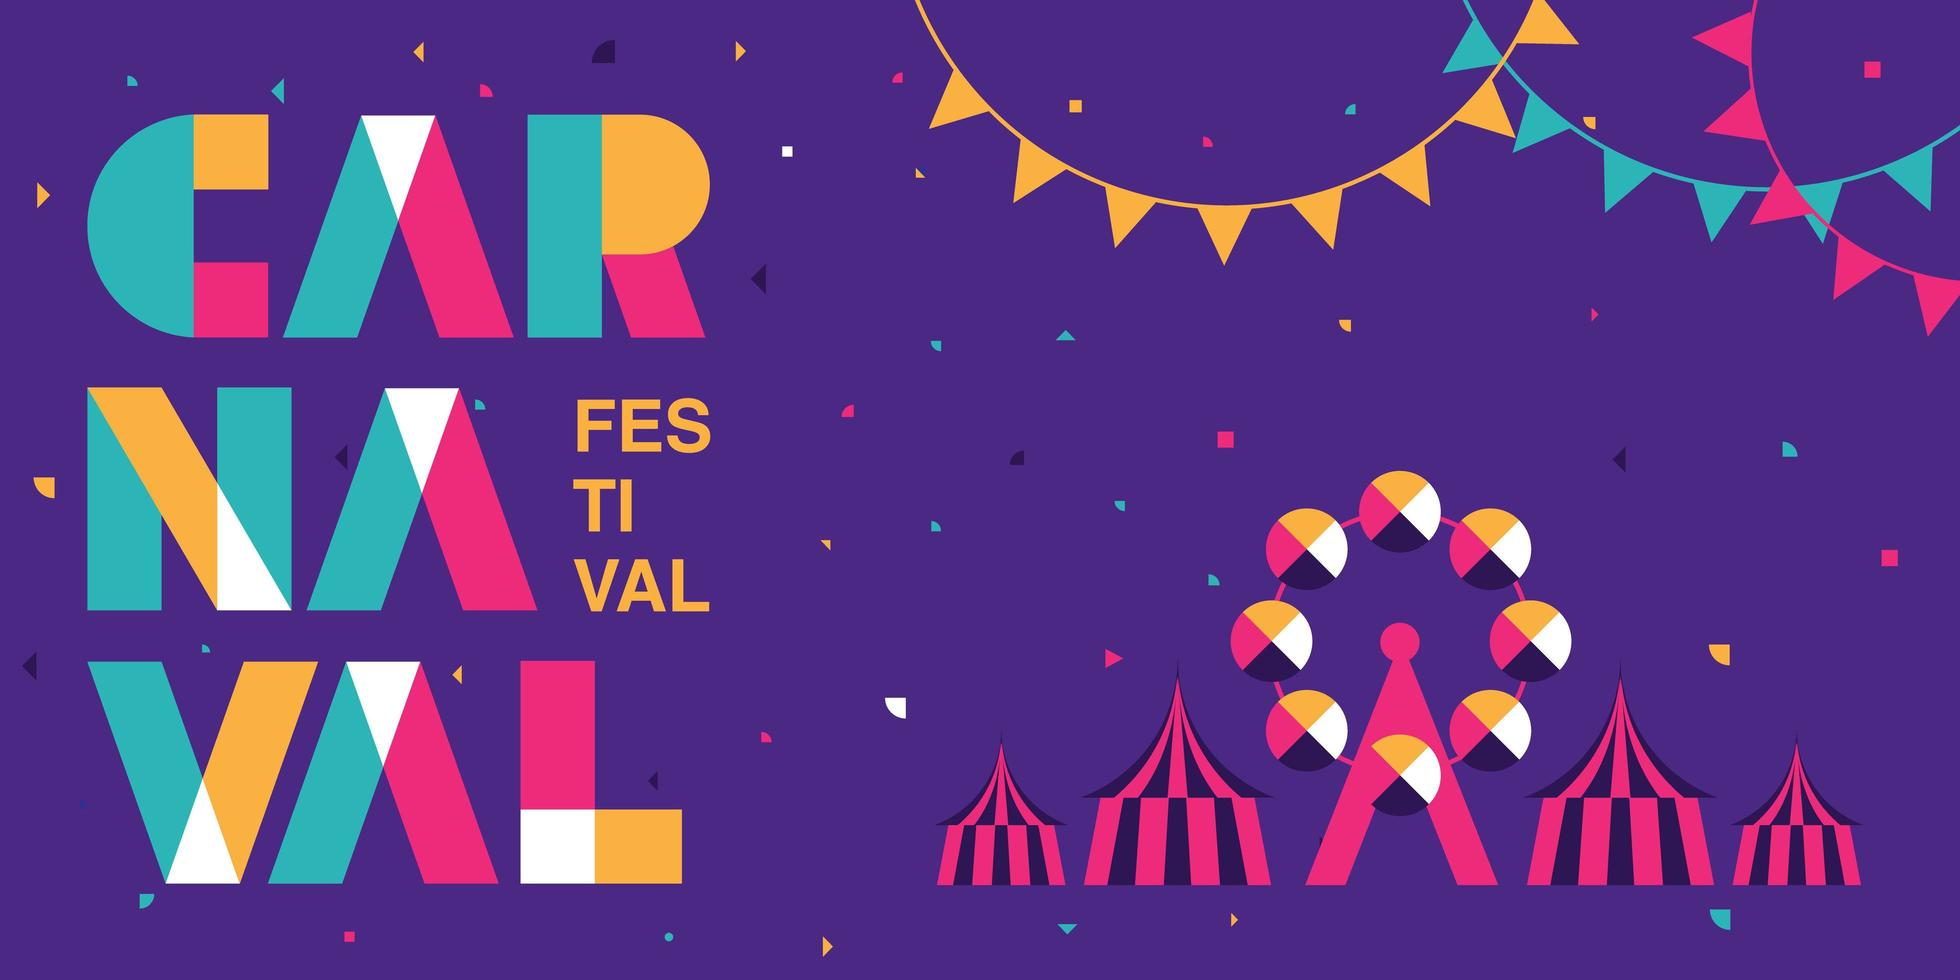 färgglada karneval typografi banner vektor